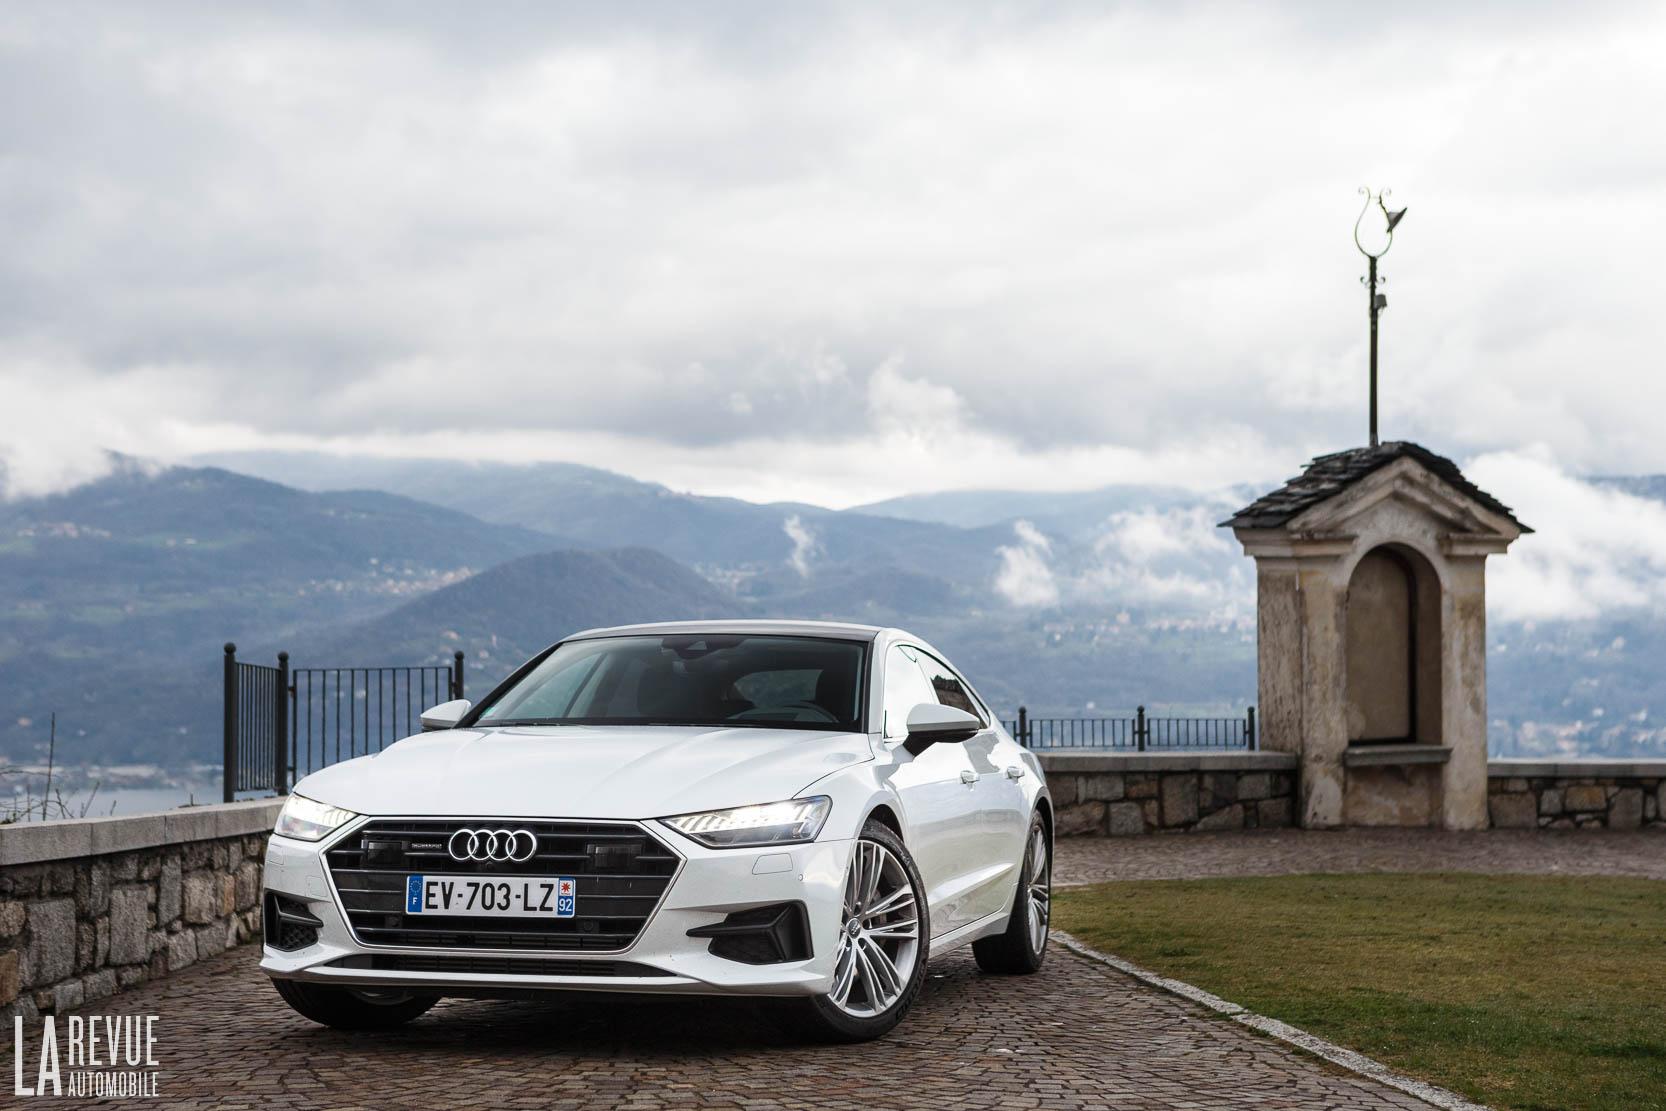 Audi A7 Sportback 55 TFSI millesime 2018 de couleur blanche